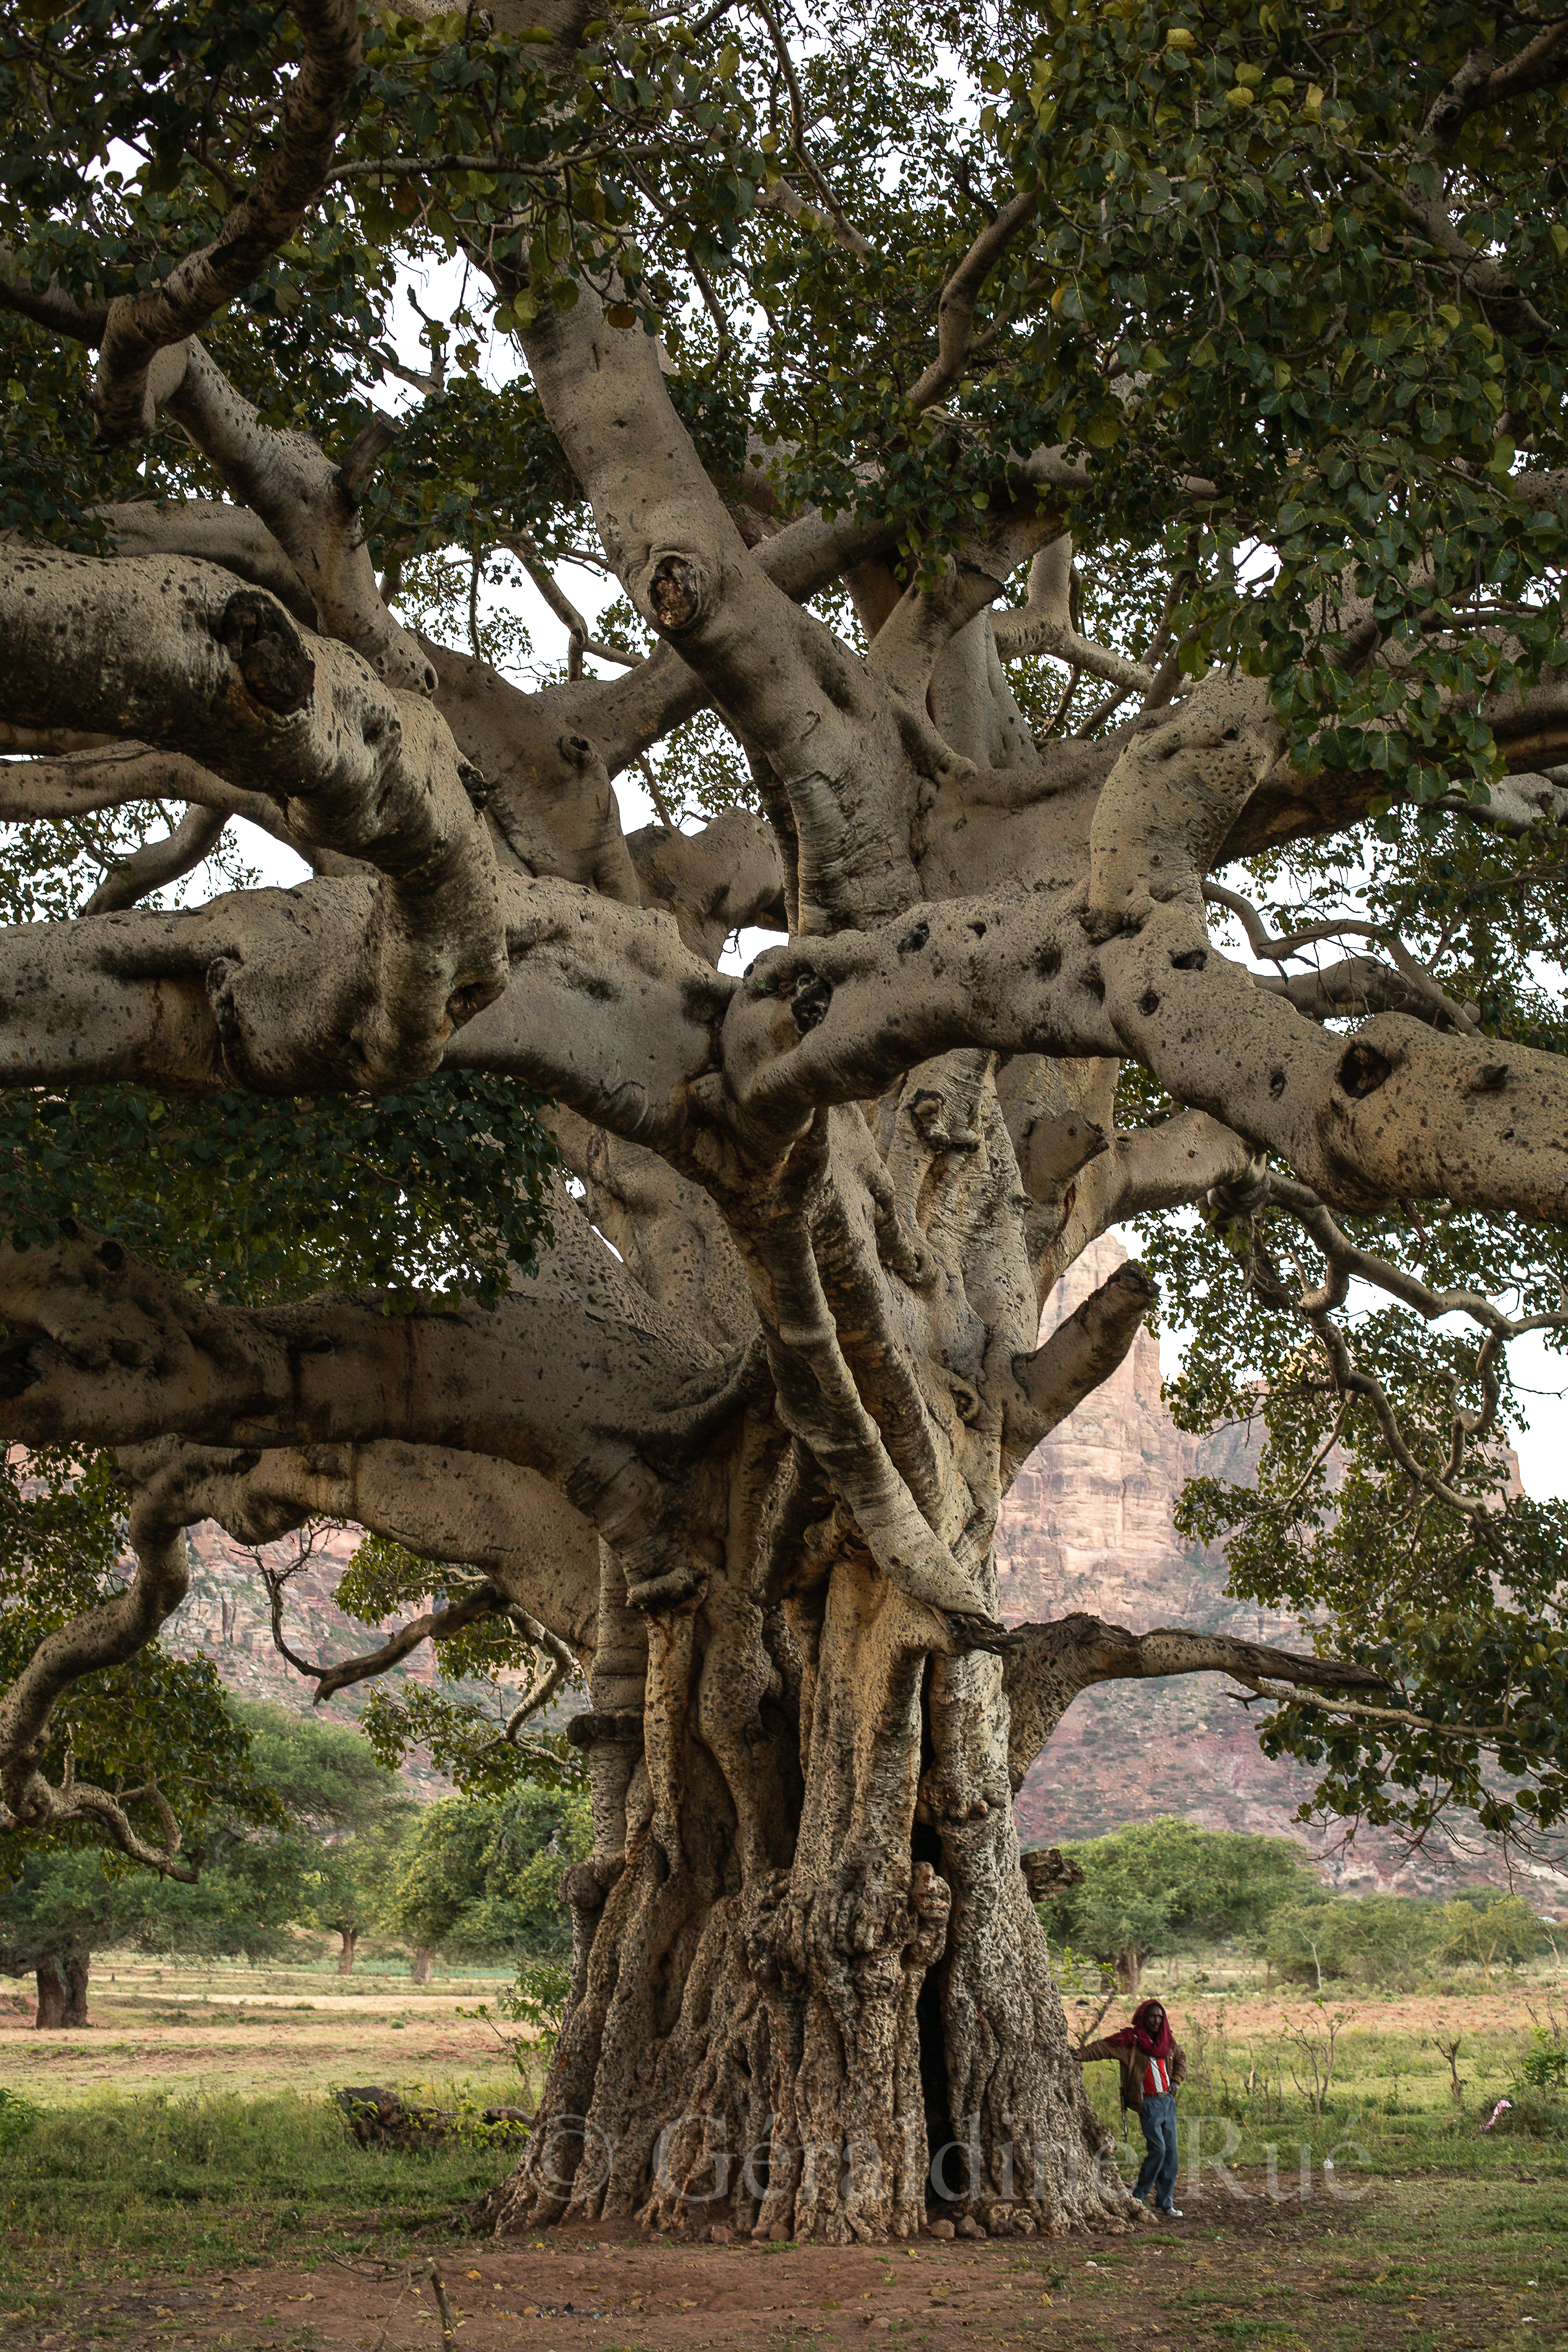 Ethiopie 185544© Géraldine Rué